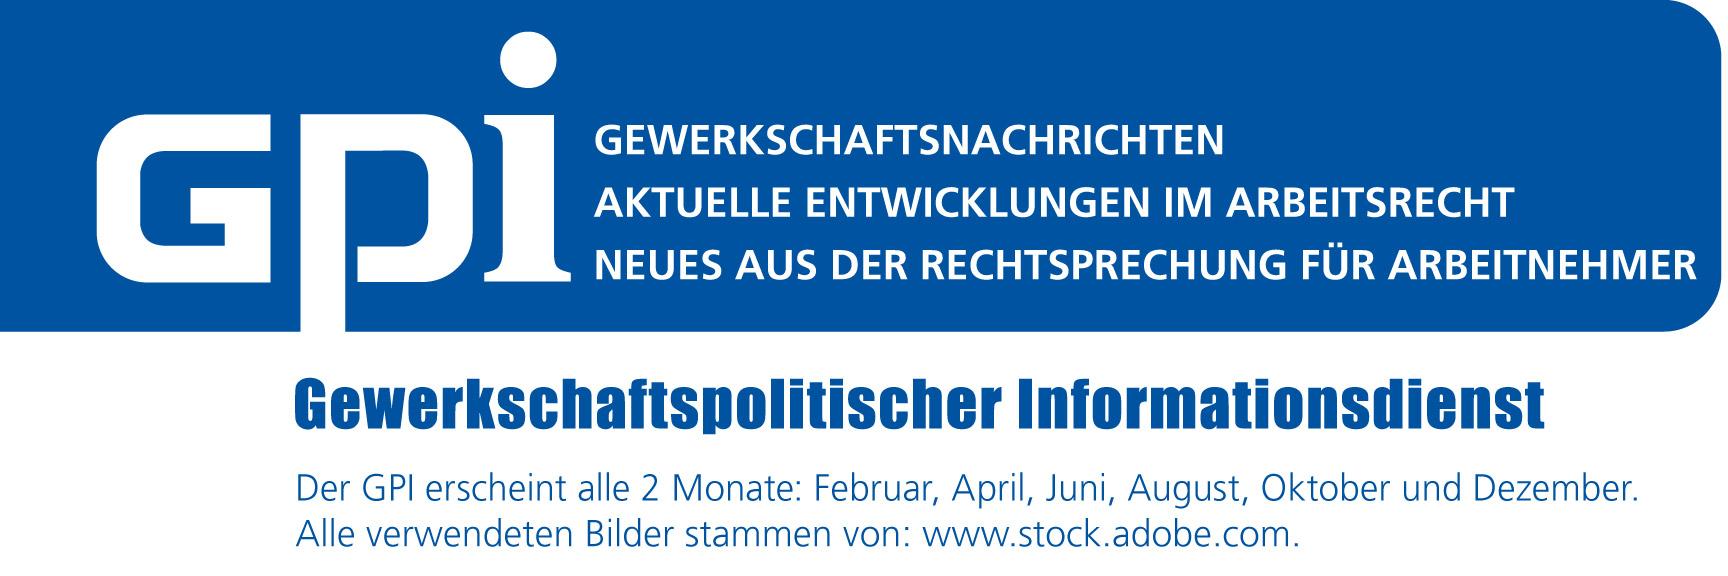 GPI-Gewerkschaftsnachrichten-der-CGM